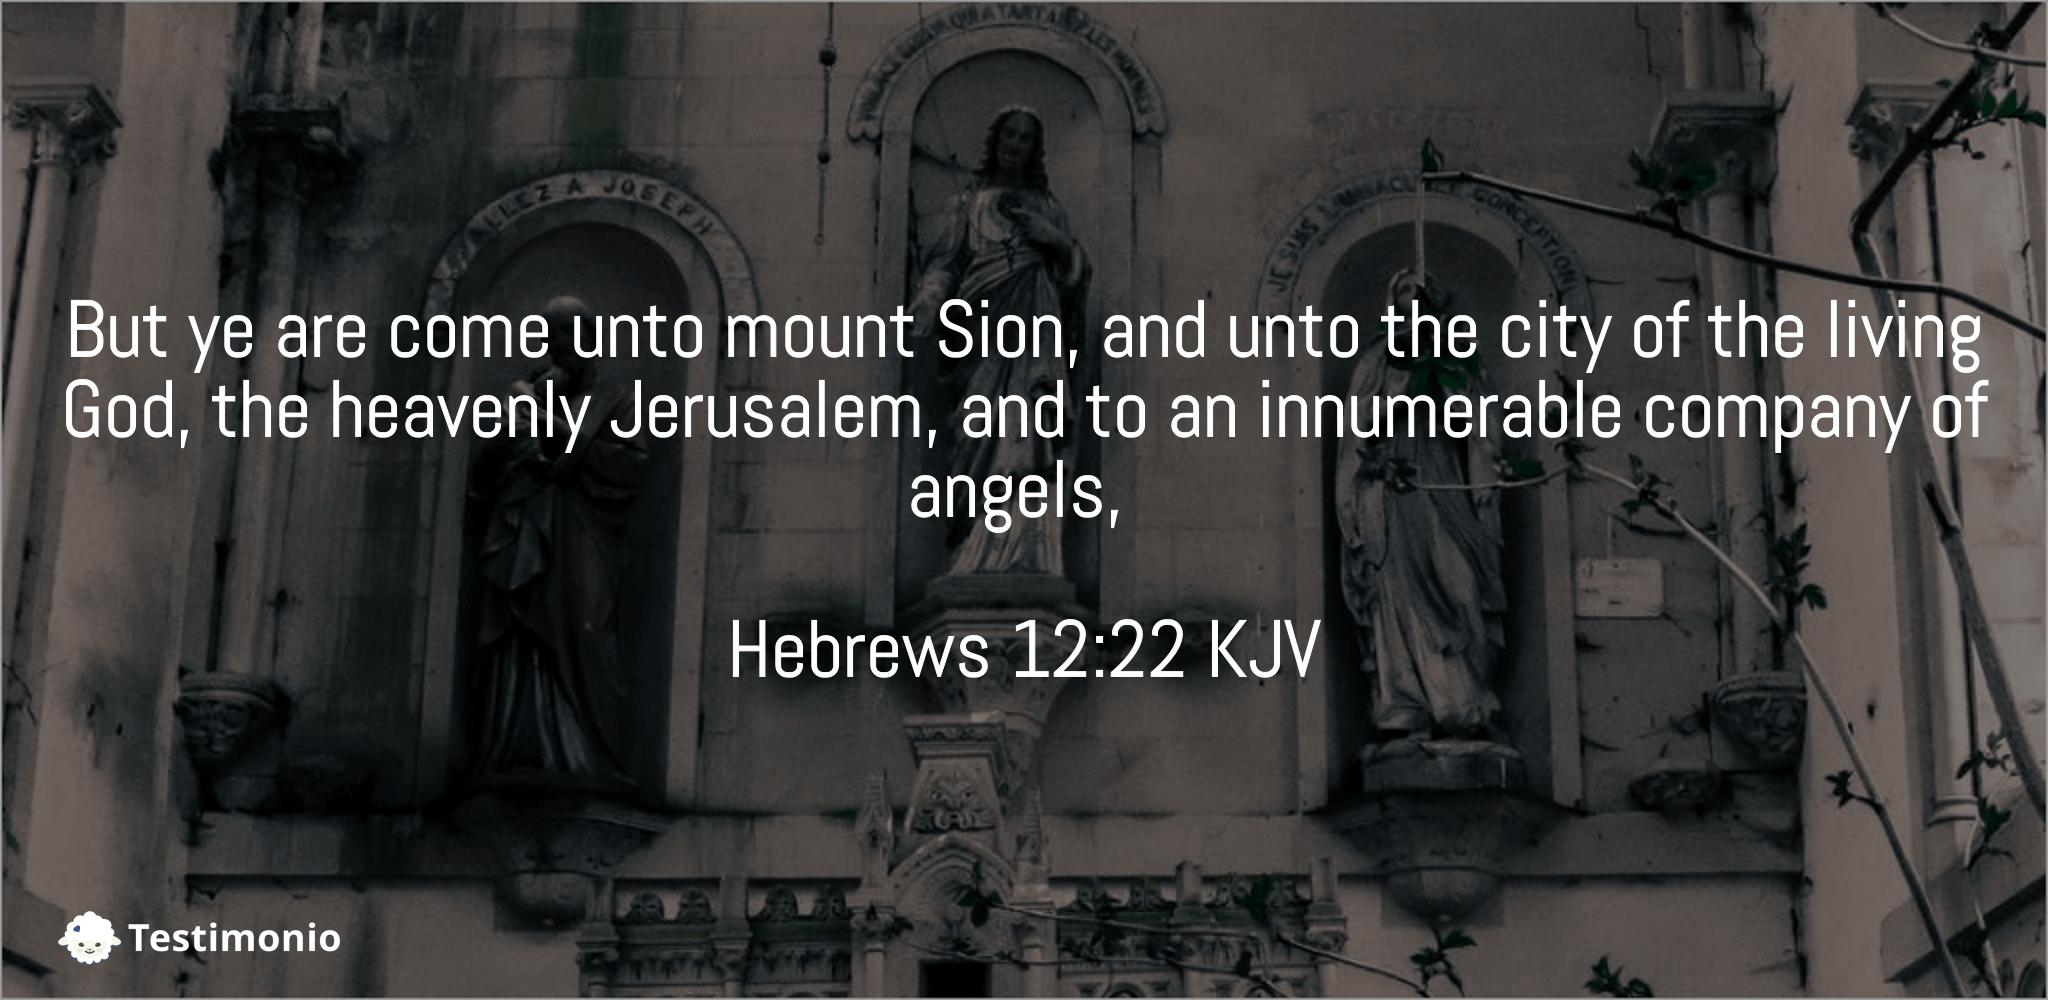 Hebrews 12:22